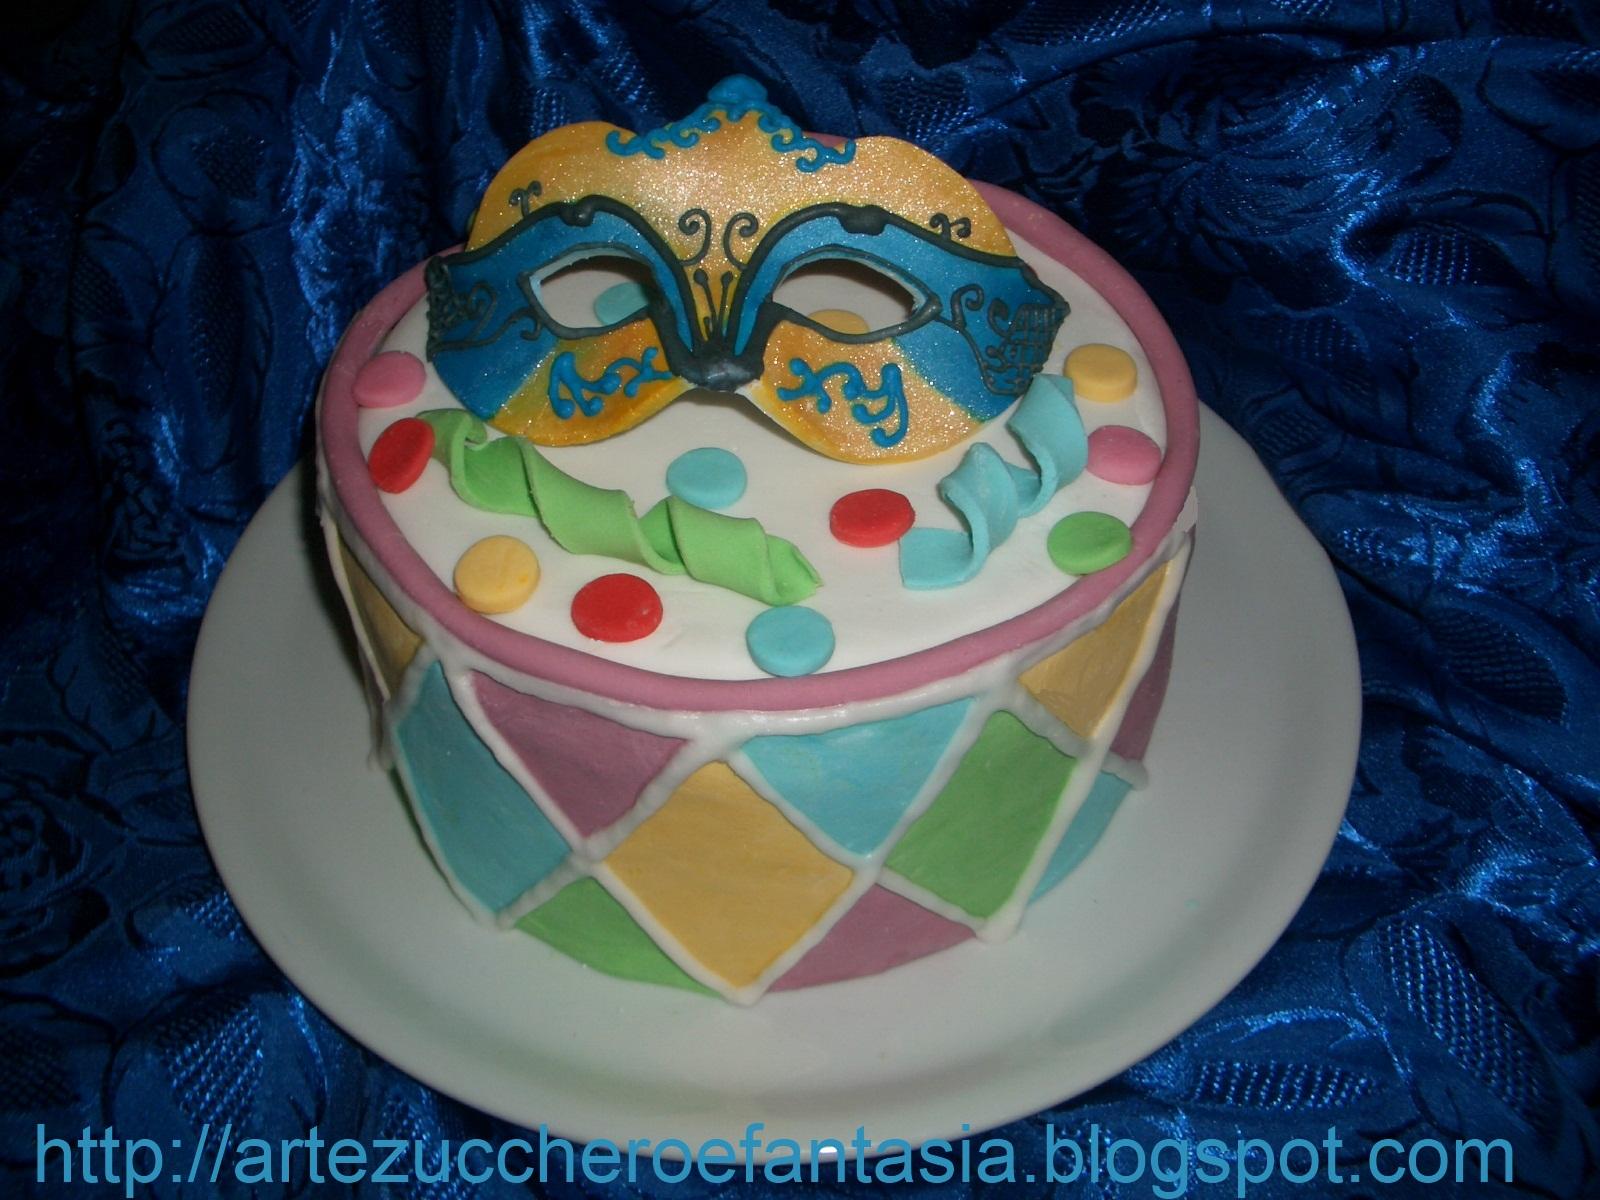 Arte zucchero e fantasia torta di carnevale festeggiamo - Decorazioni per torte di carnevale ...